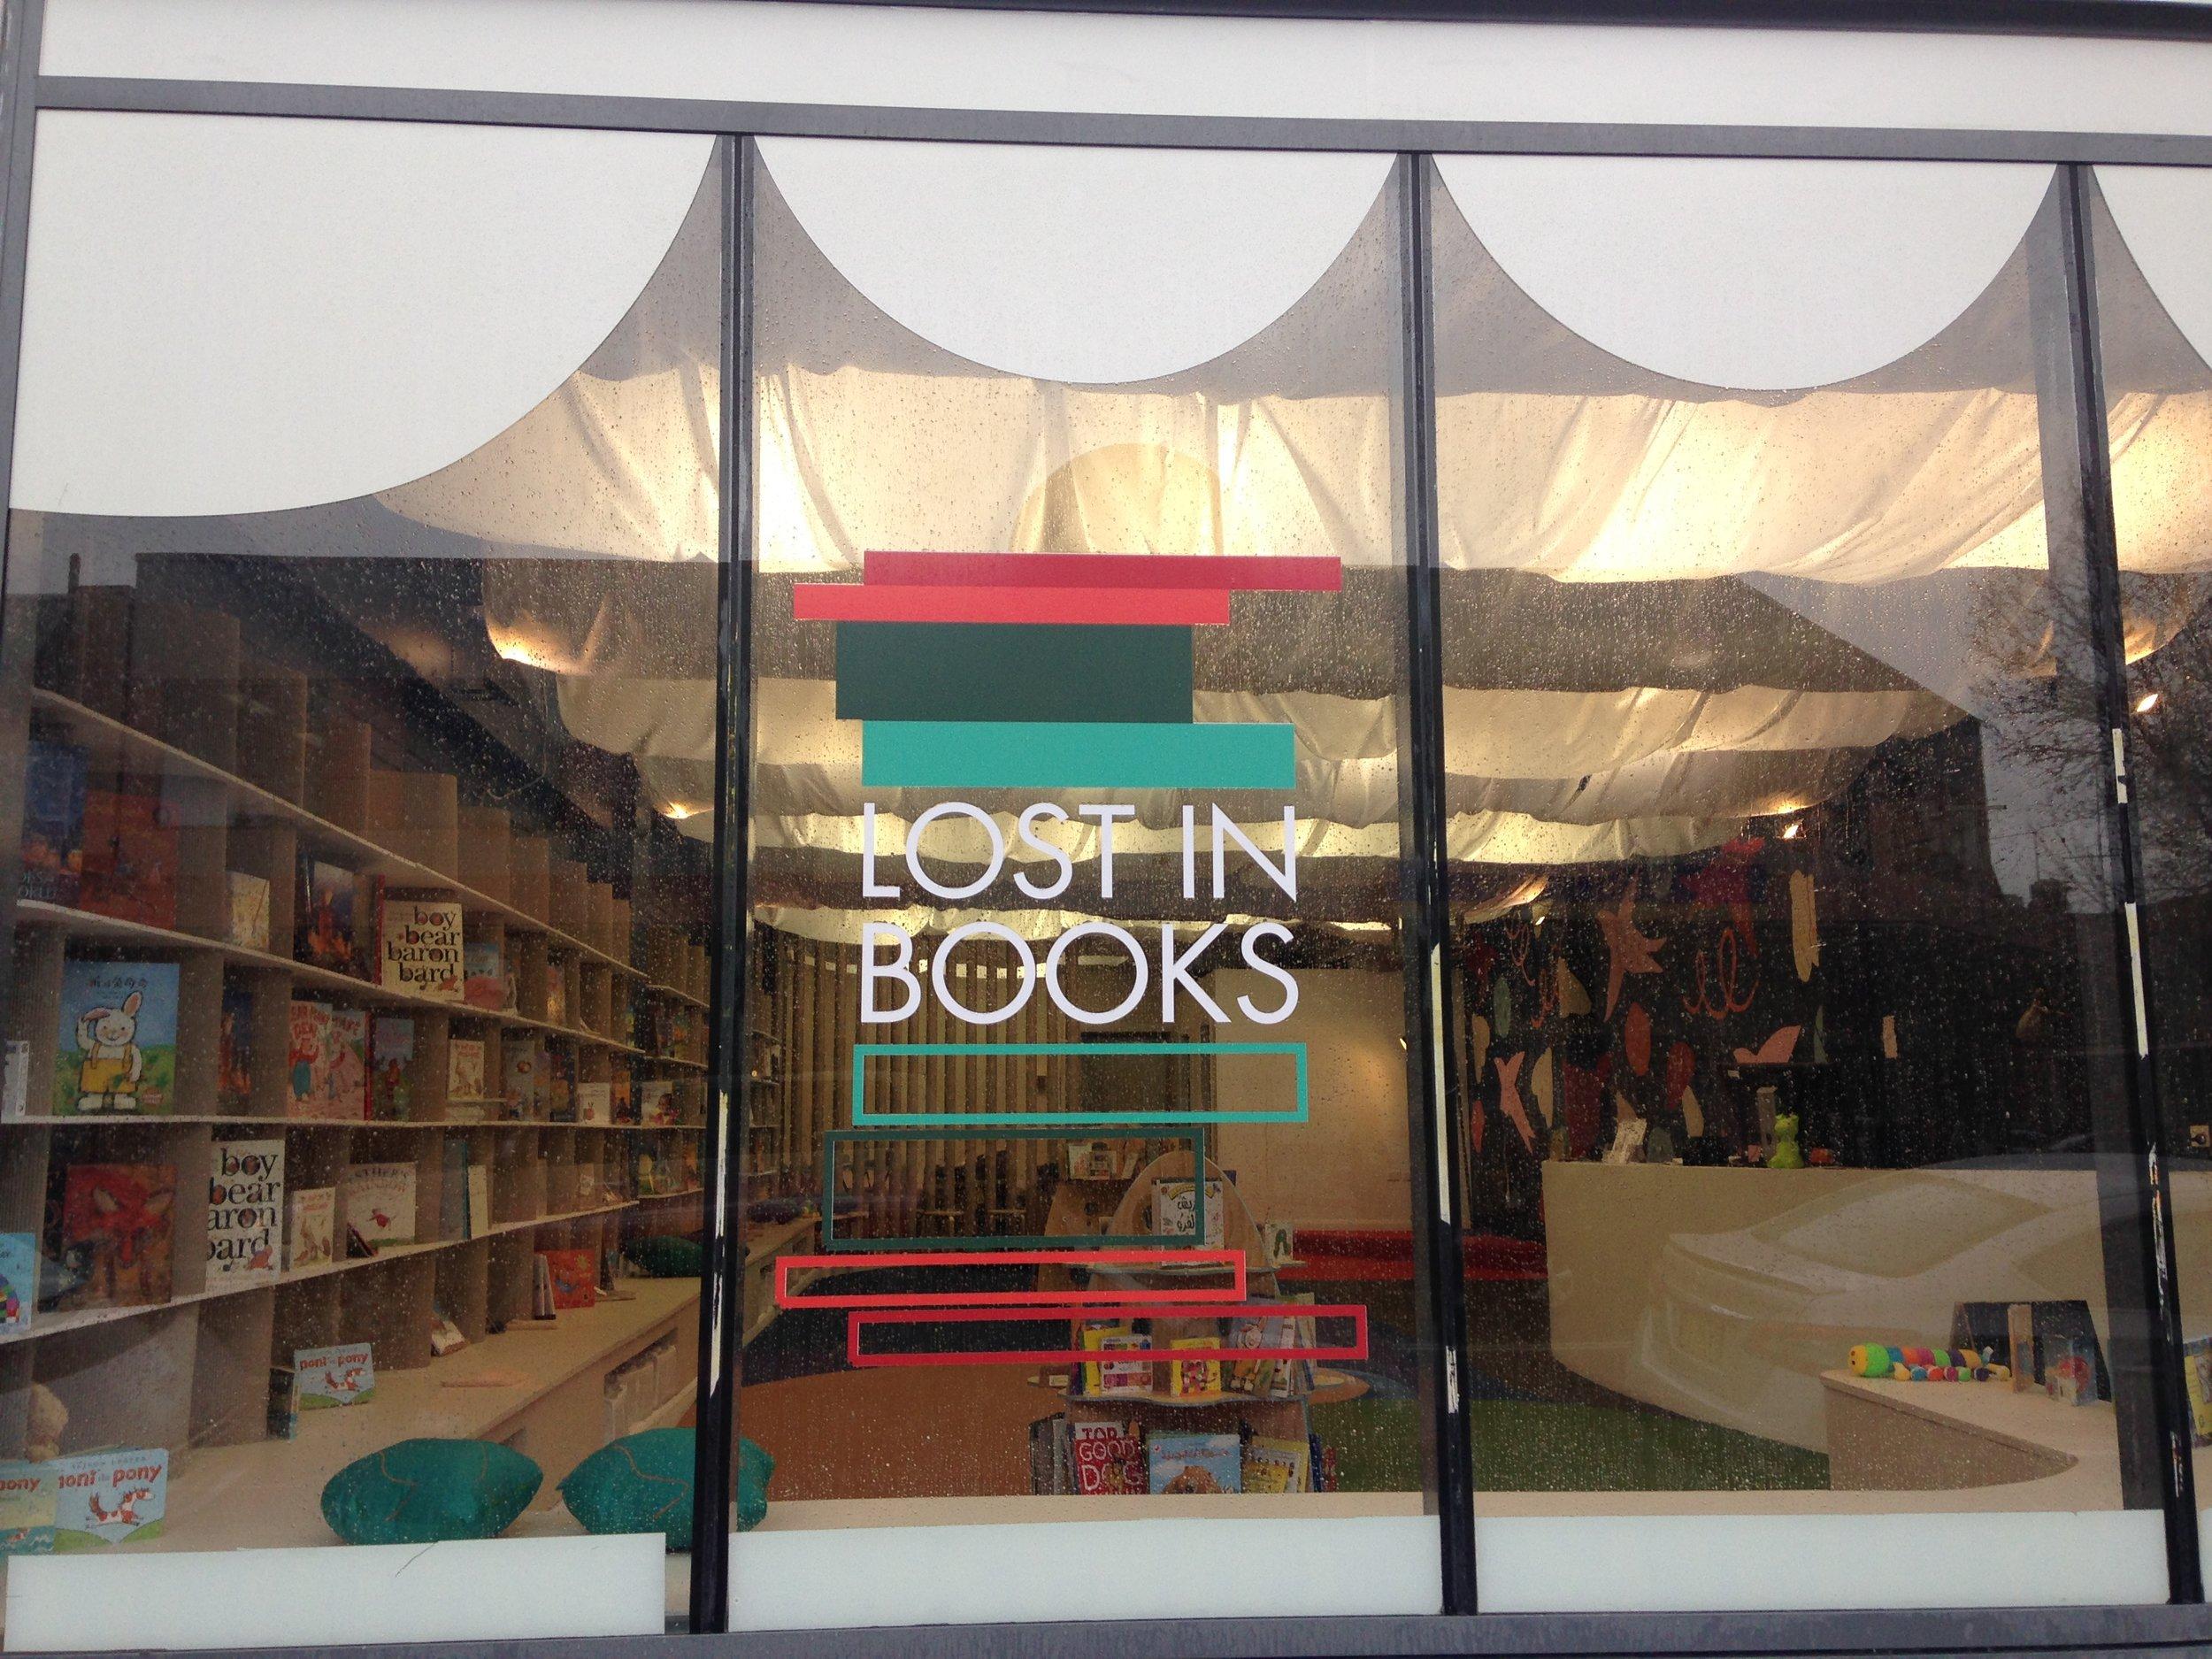 LOST IN BOOKS - front window.JPG